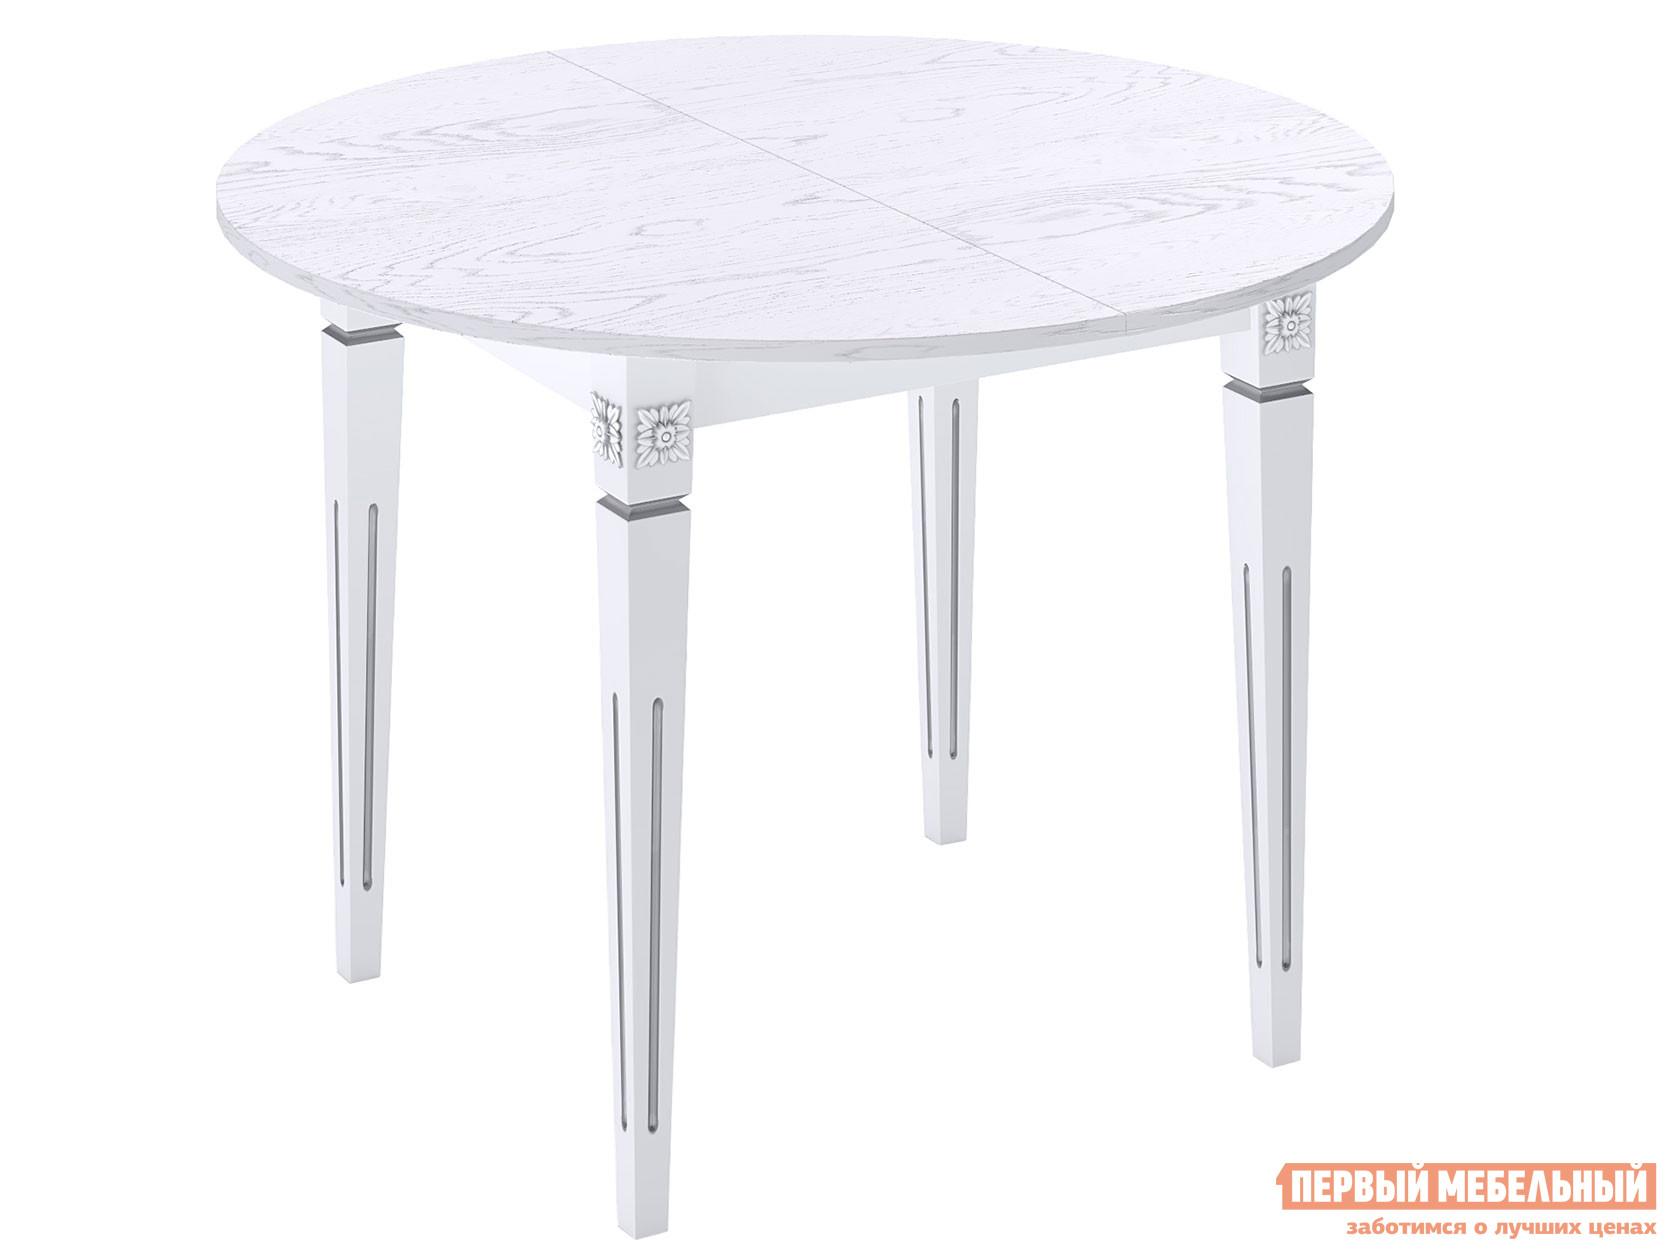 Кухонный стол  Стол Kenner CA1000 Белый — Стол Kenner CA1000 Белый